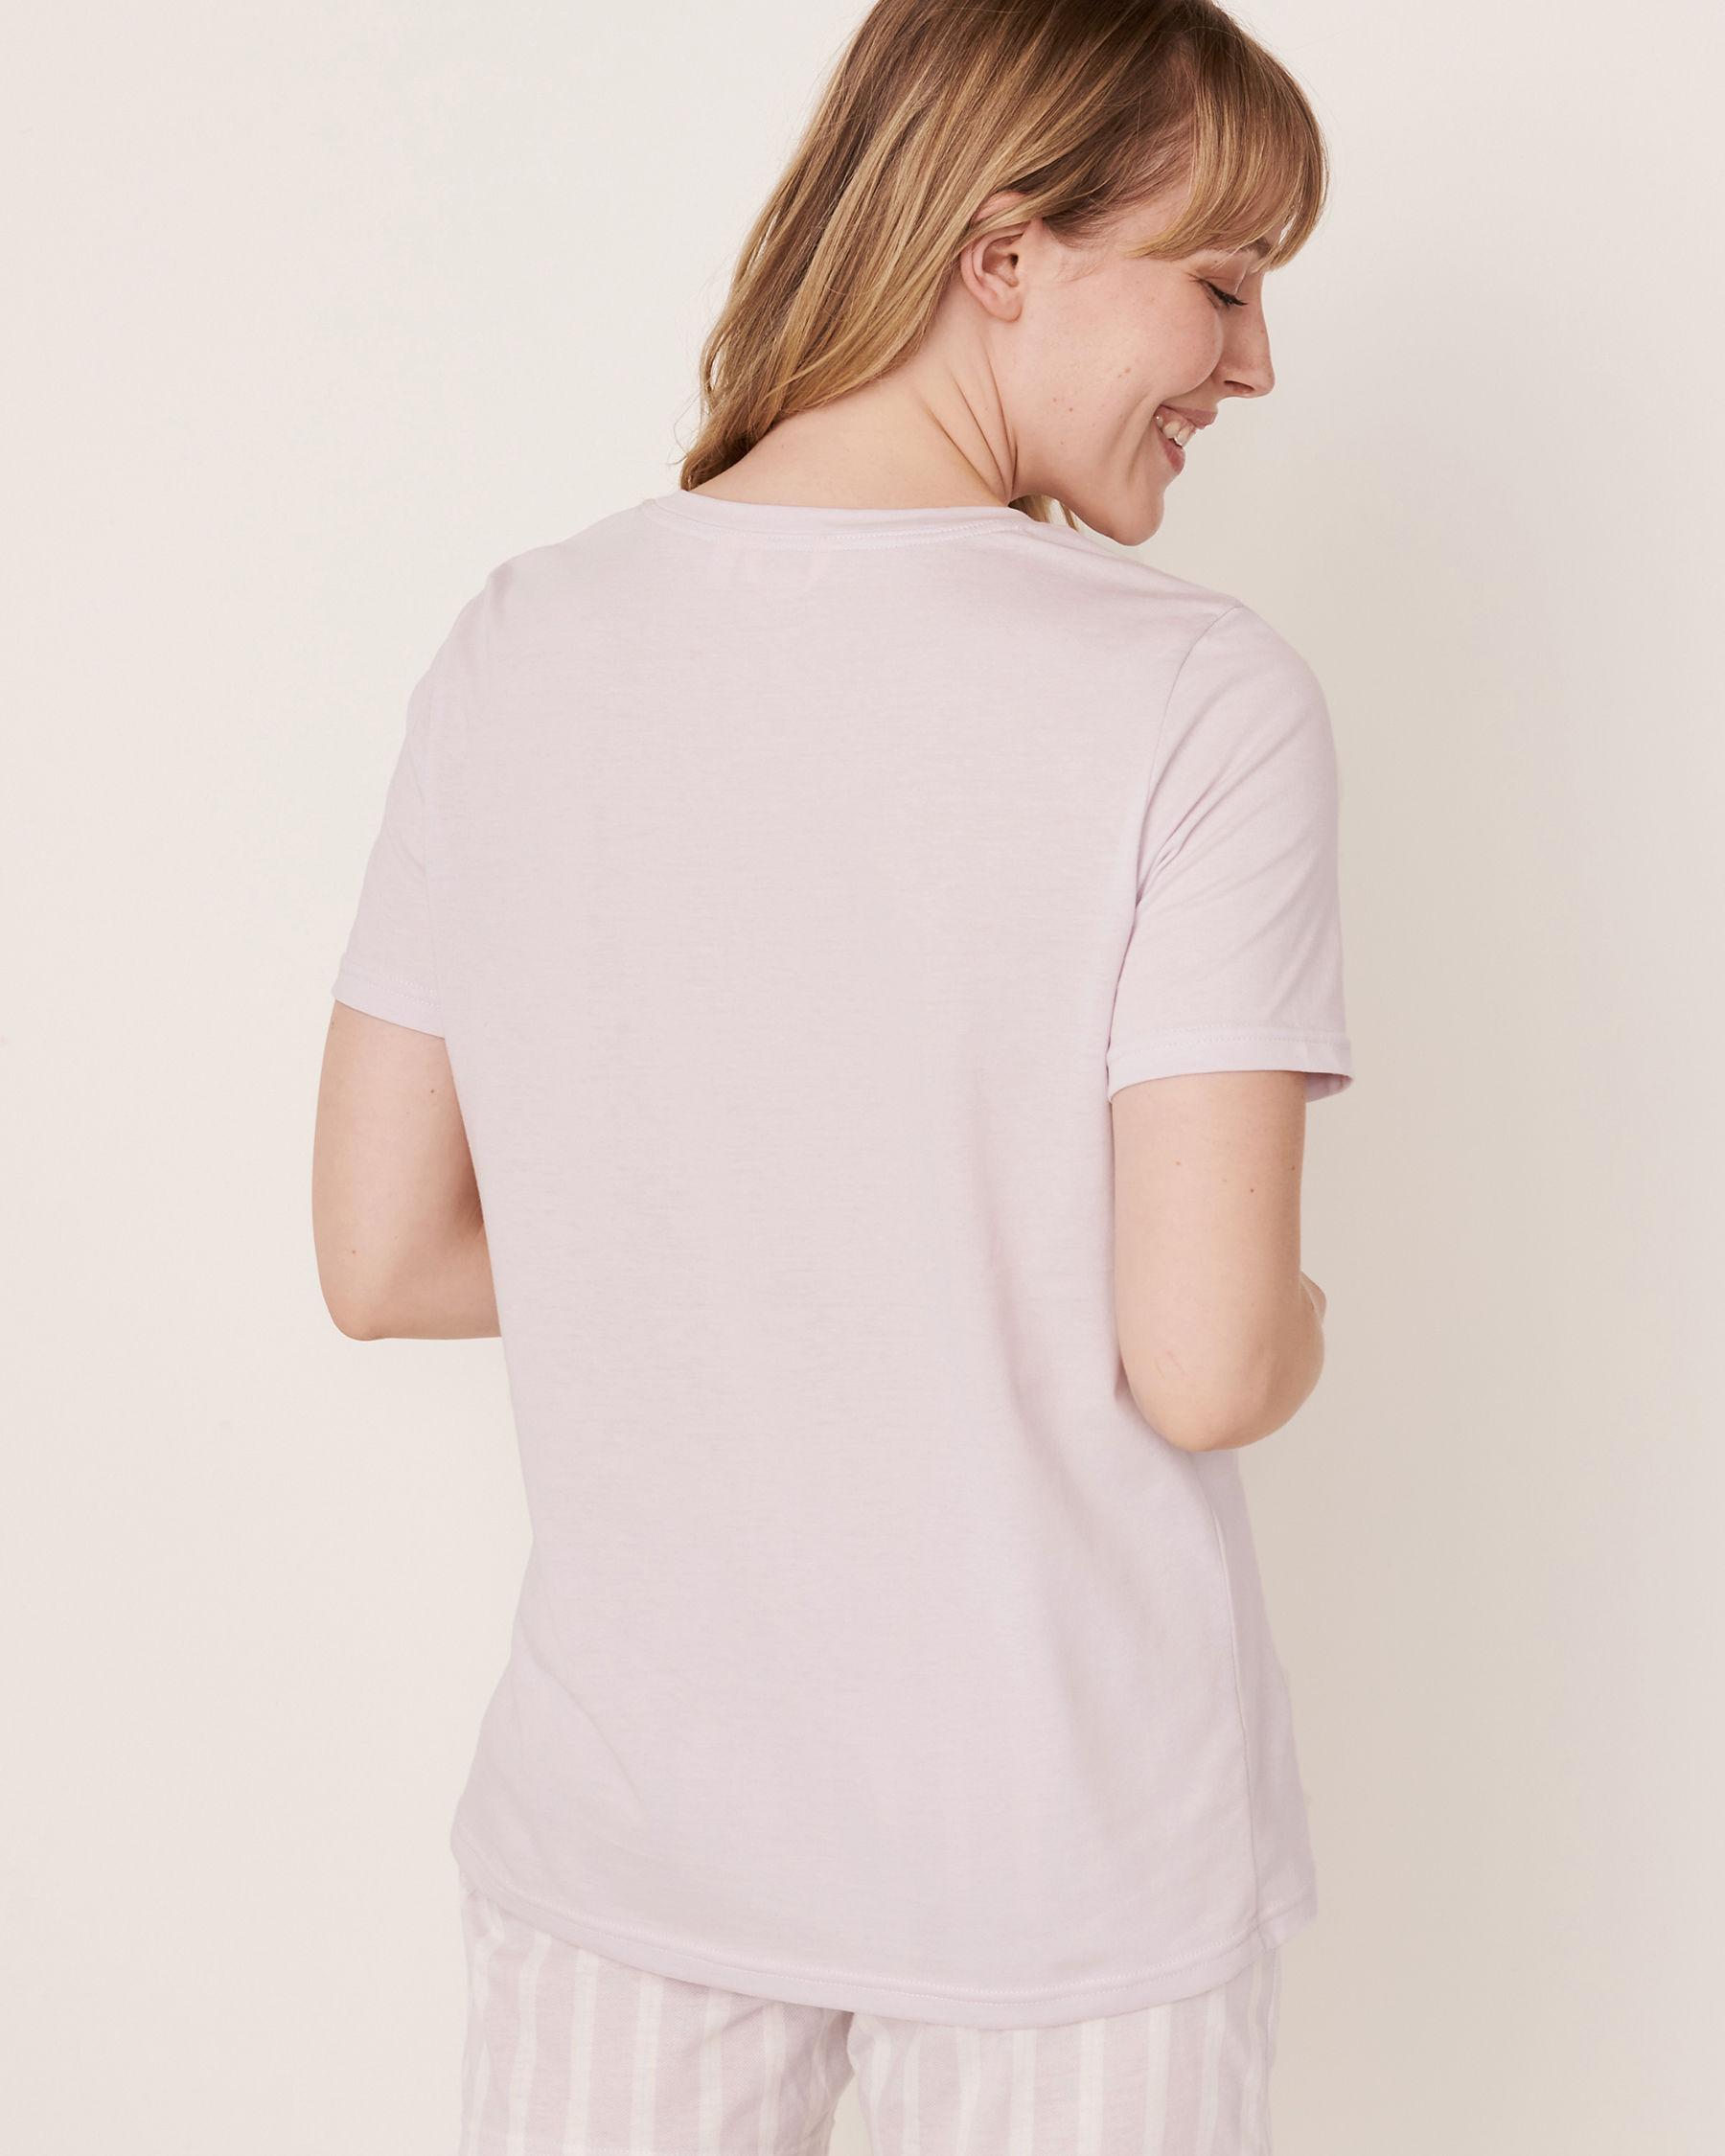 LA VIE EN ROSE Scoop Neck T-shirt Lavender 40100167 - View5